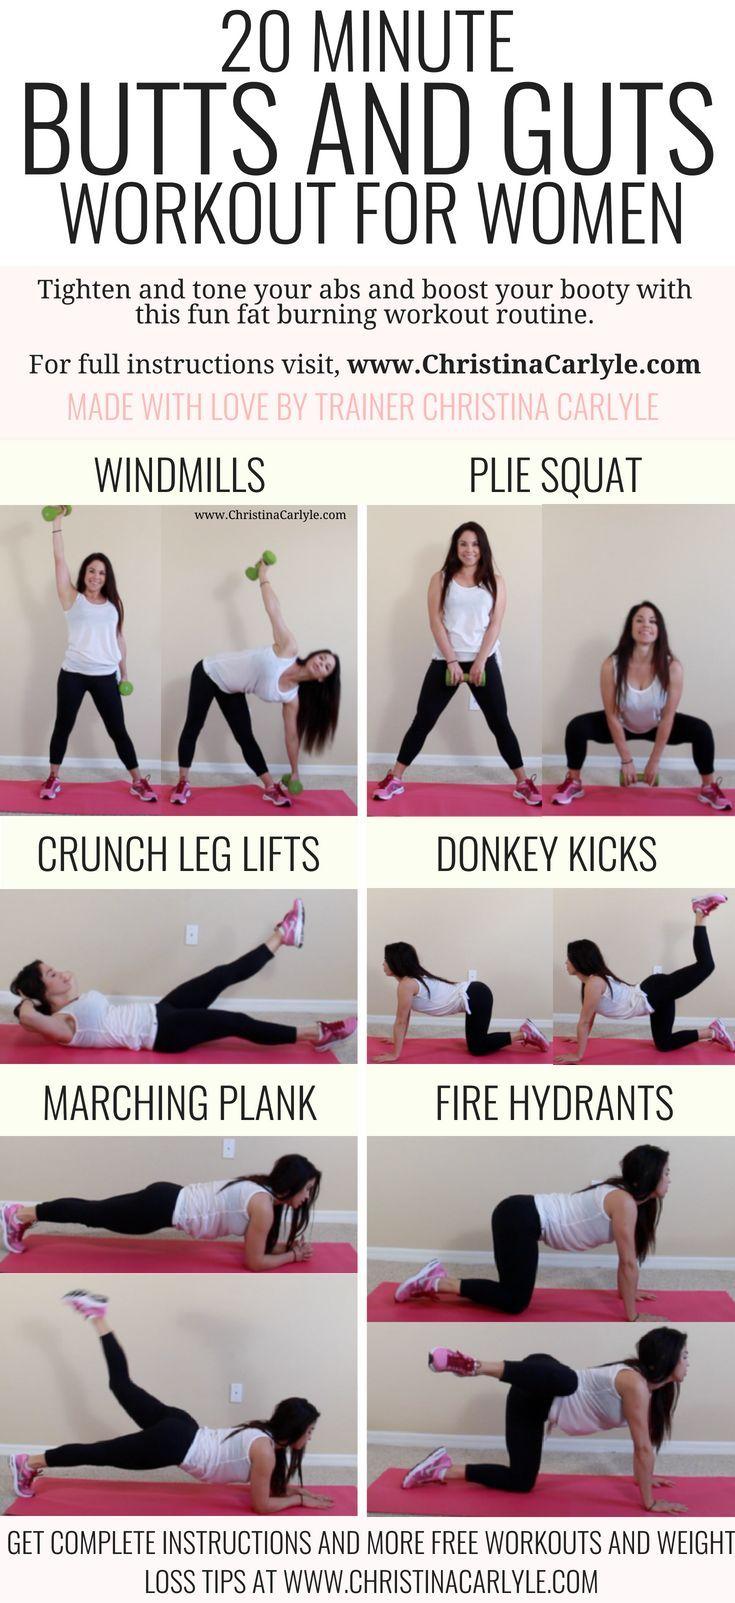 Booty Og Ab Workout rutine for A Bigger Butt og flad-1712